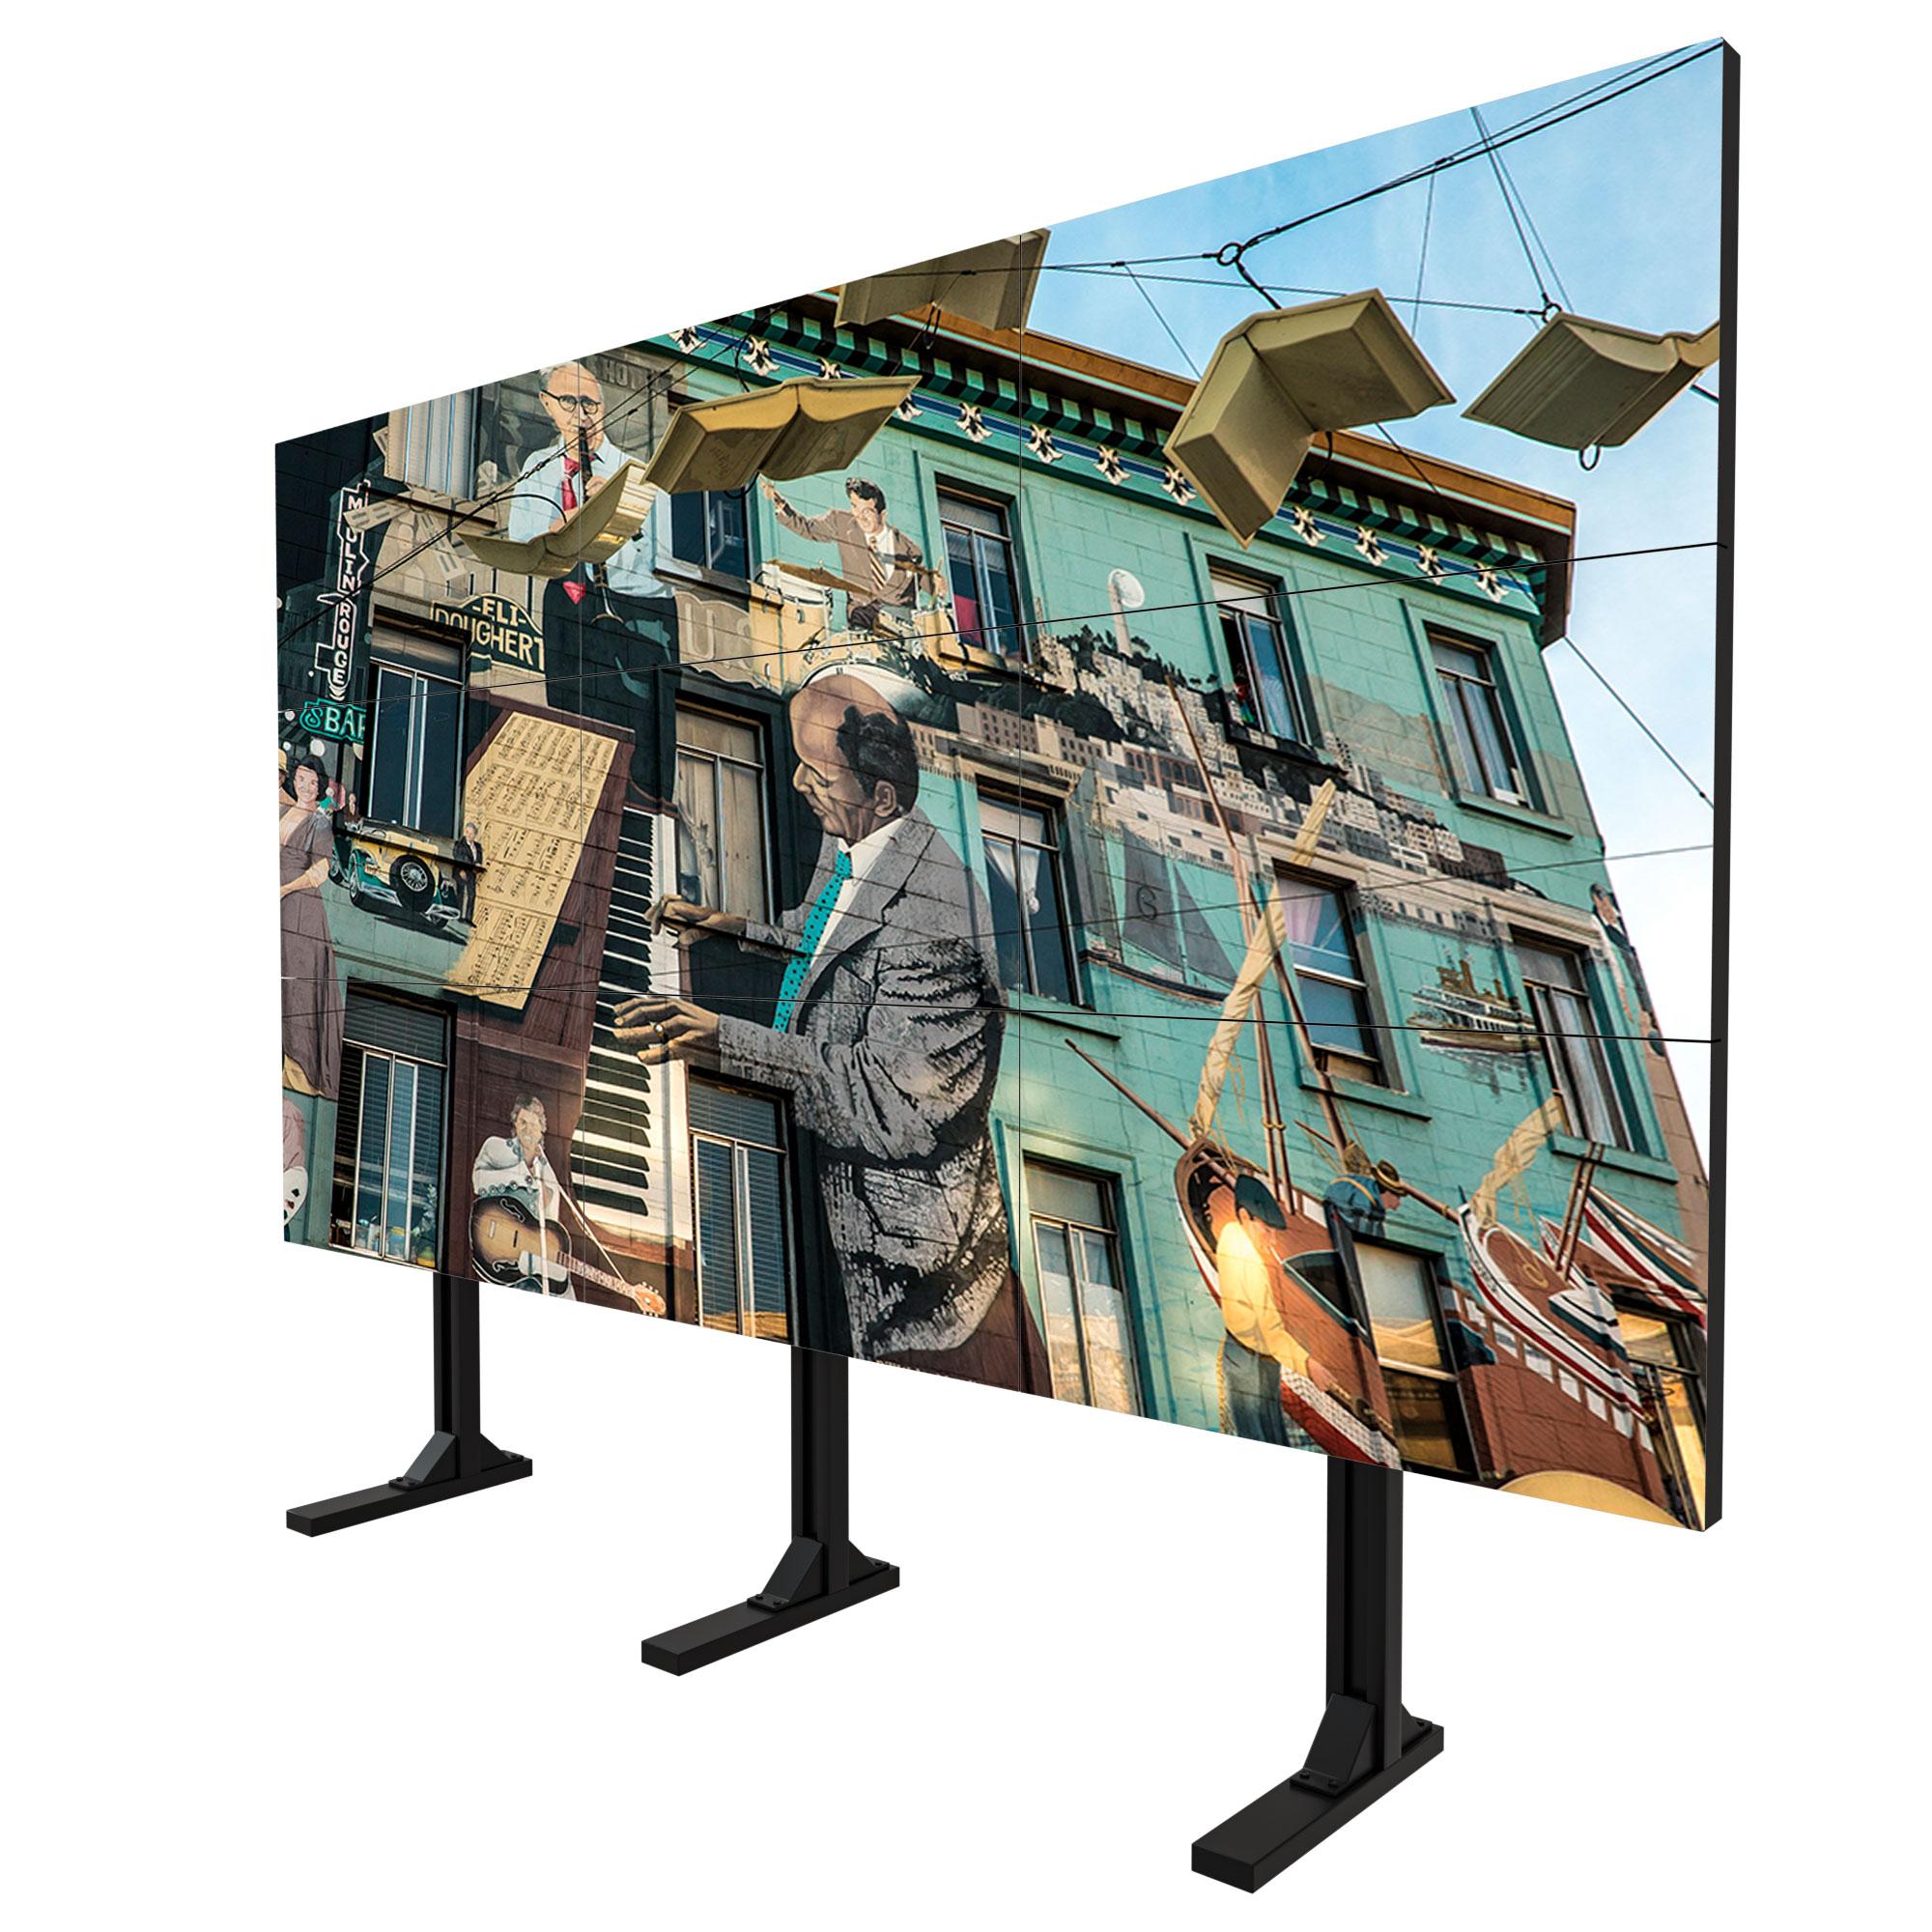 доме рекламные мониторы картинки ритм жизни мегаполисе